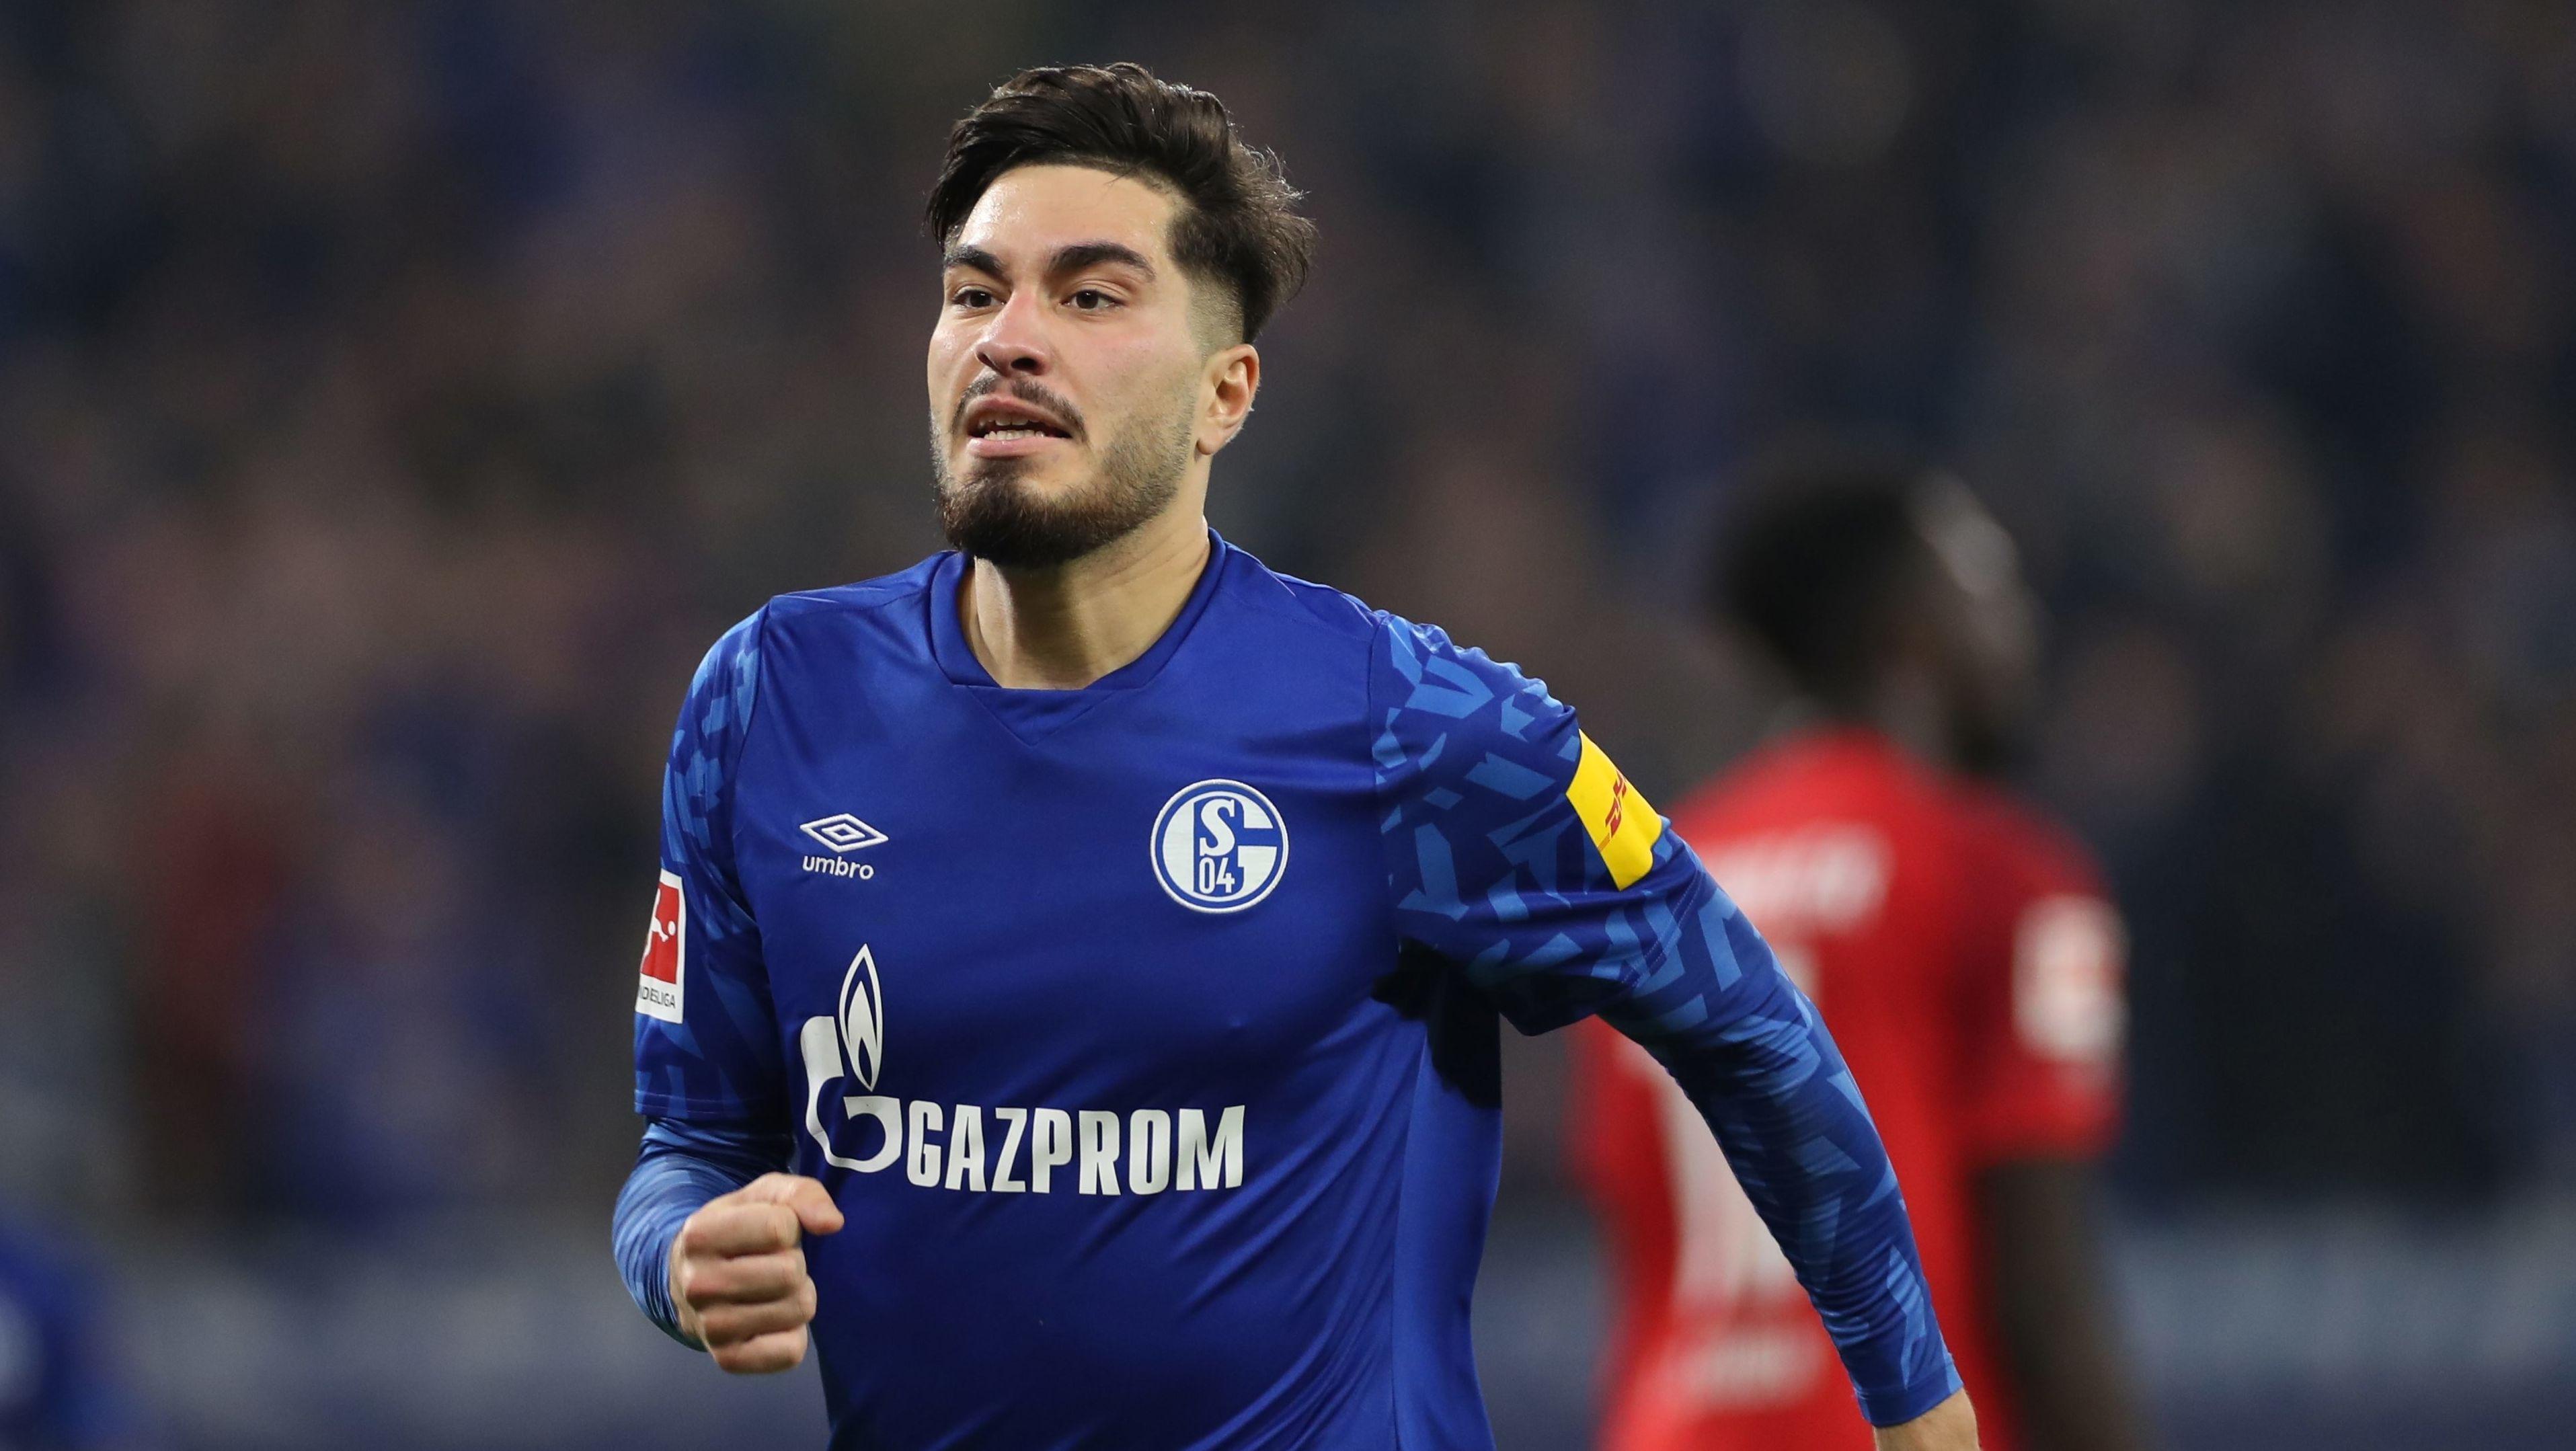 Erstmals im Kader: Der nachnominierte Schalker Suat Serdar